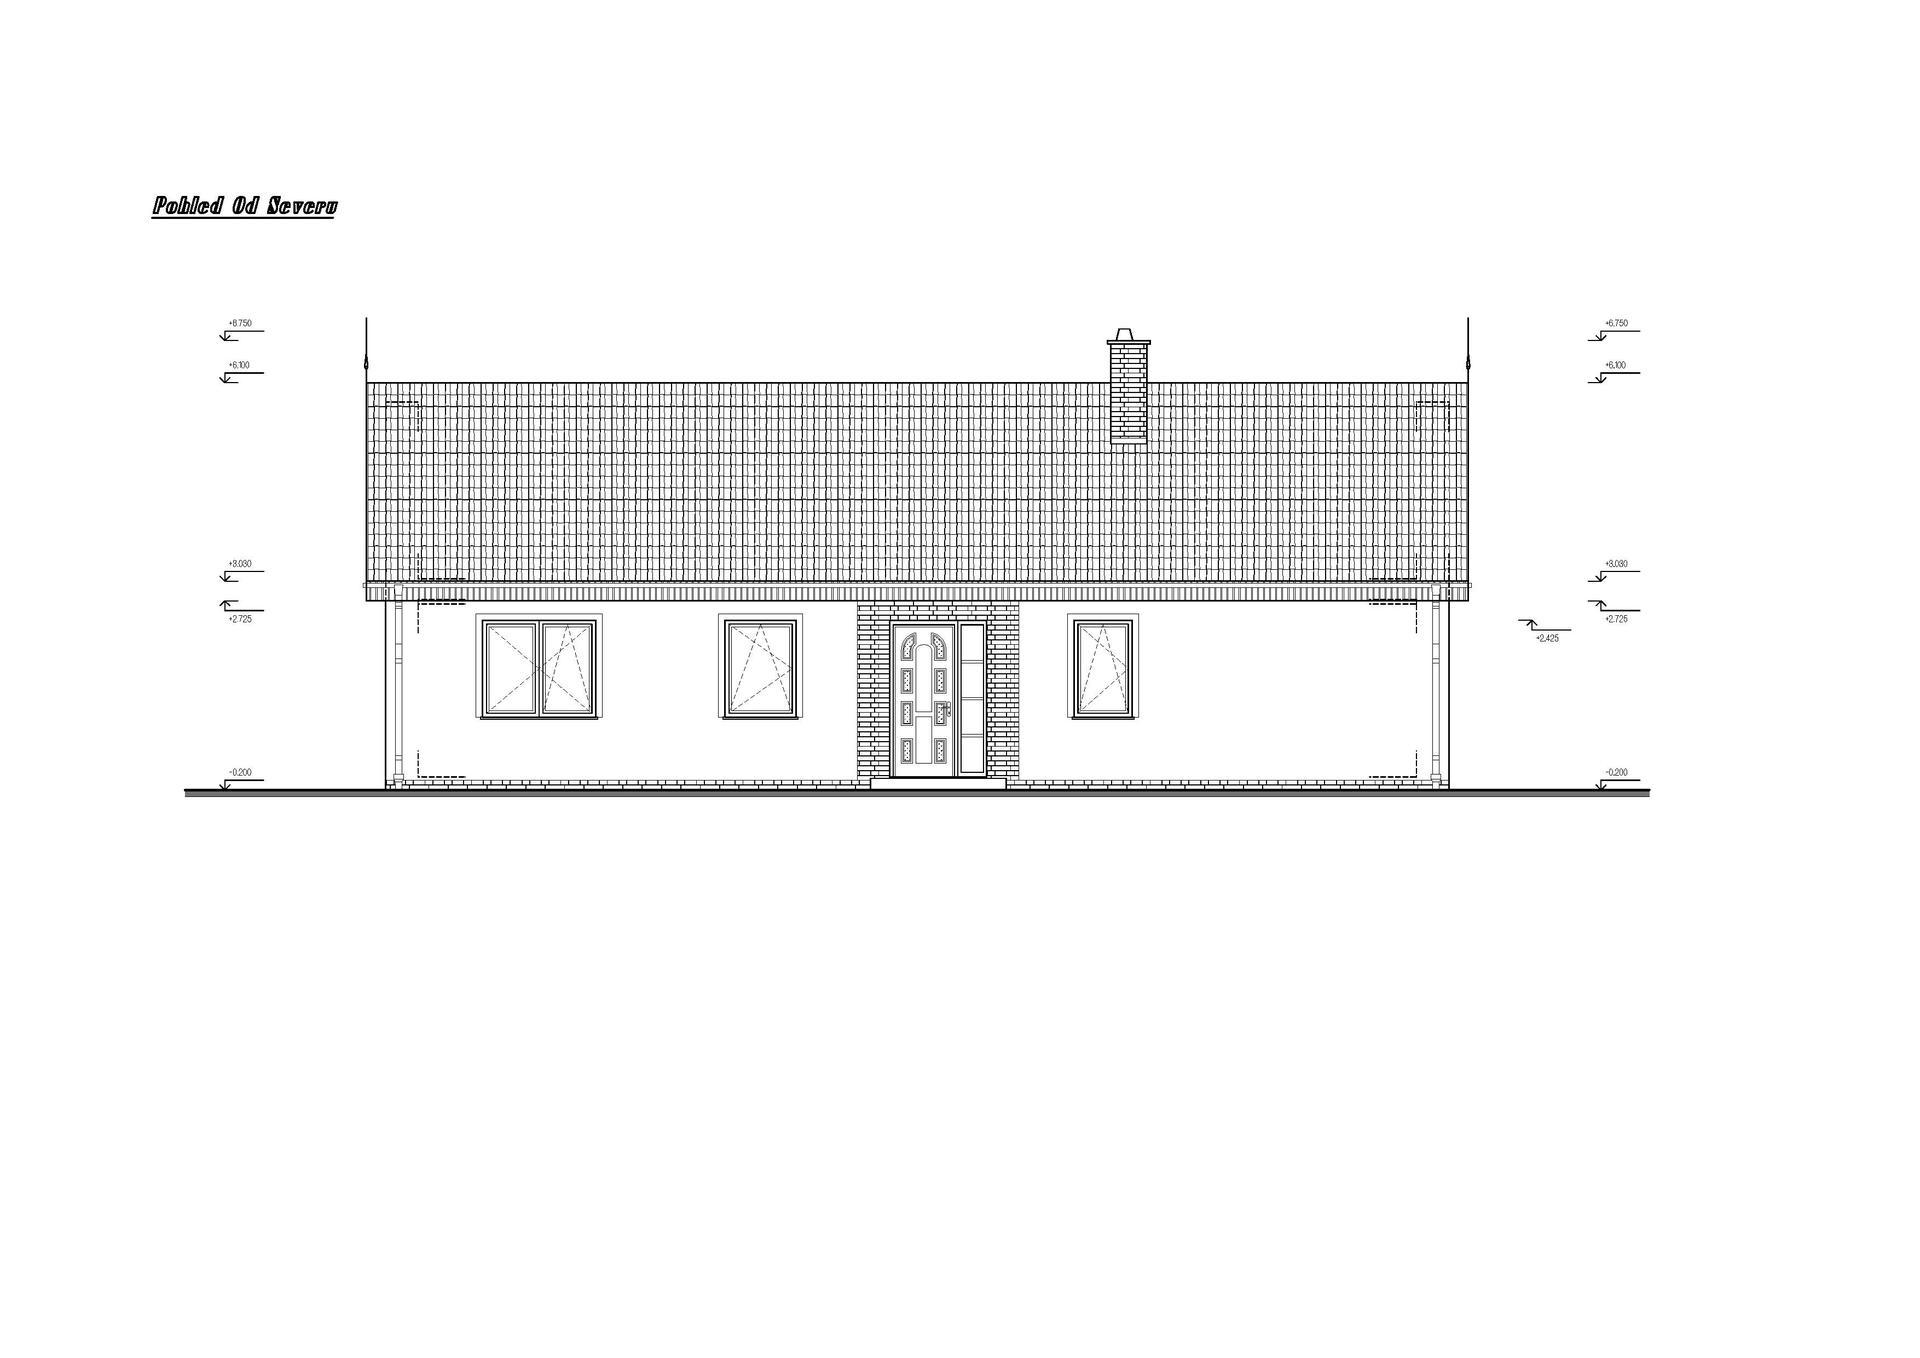 Vesnický mini dům - 1. verze návrhu studie - pohled ze severu.   Místo obložení cihličkami bude obložení dřevem - modřínem nebo cedrem :)